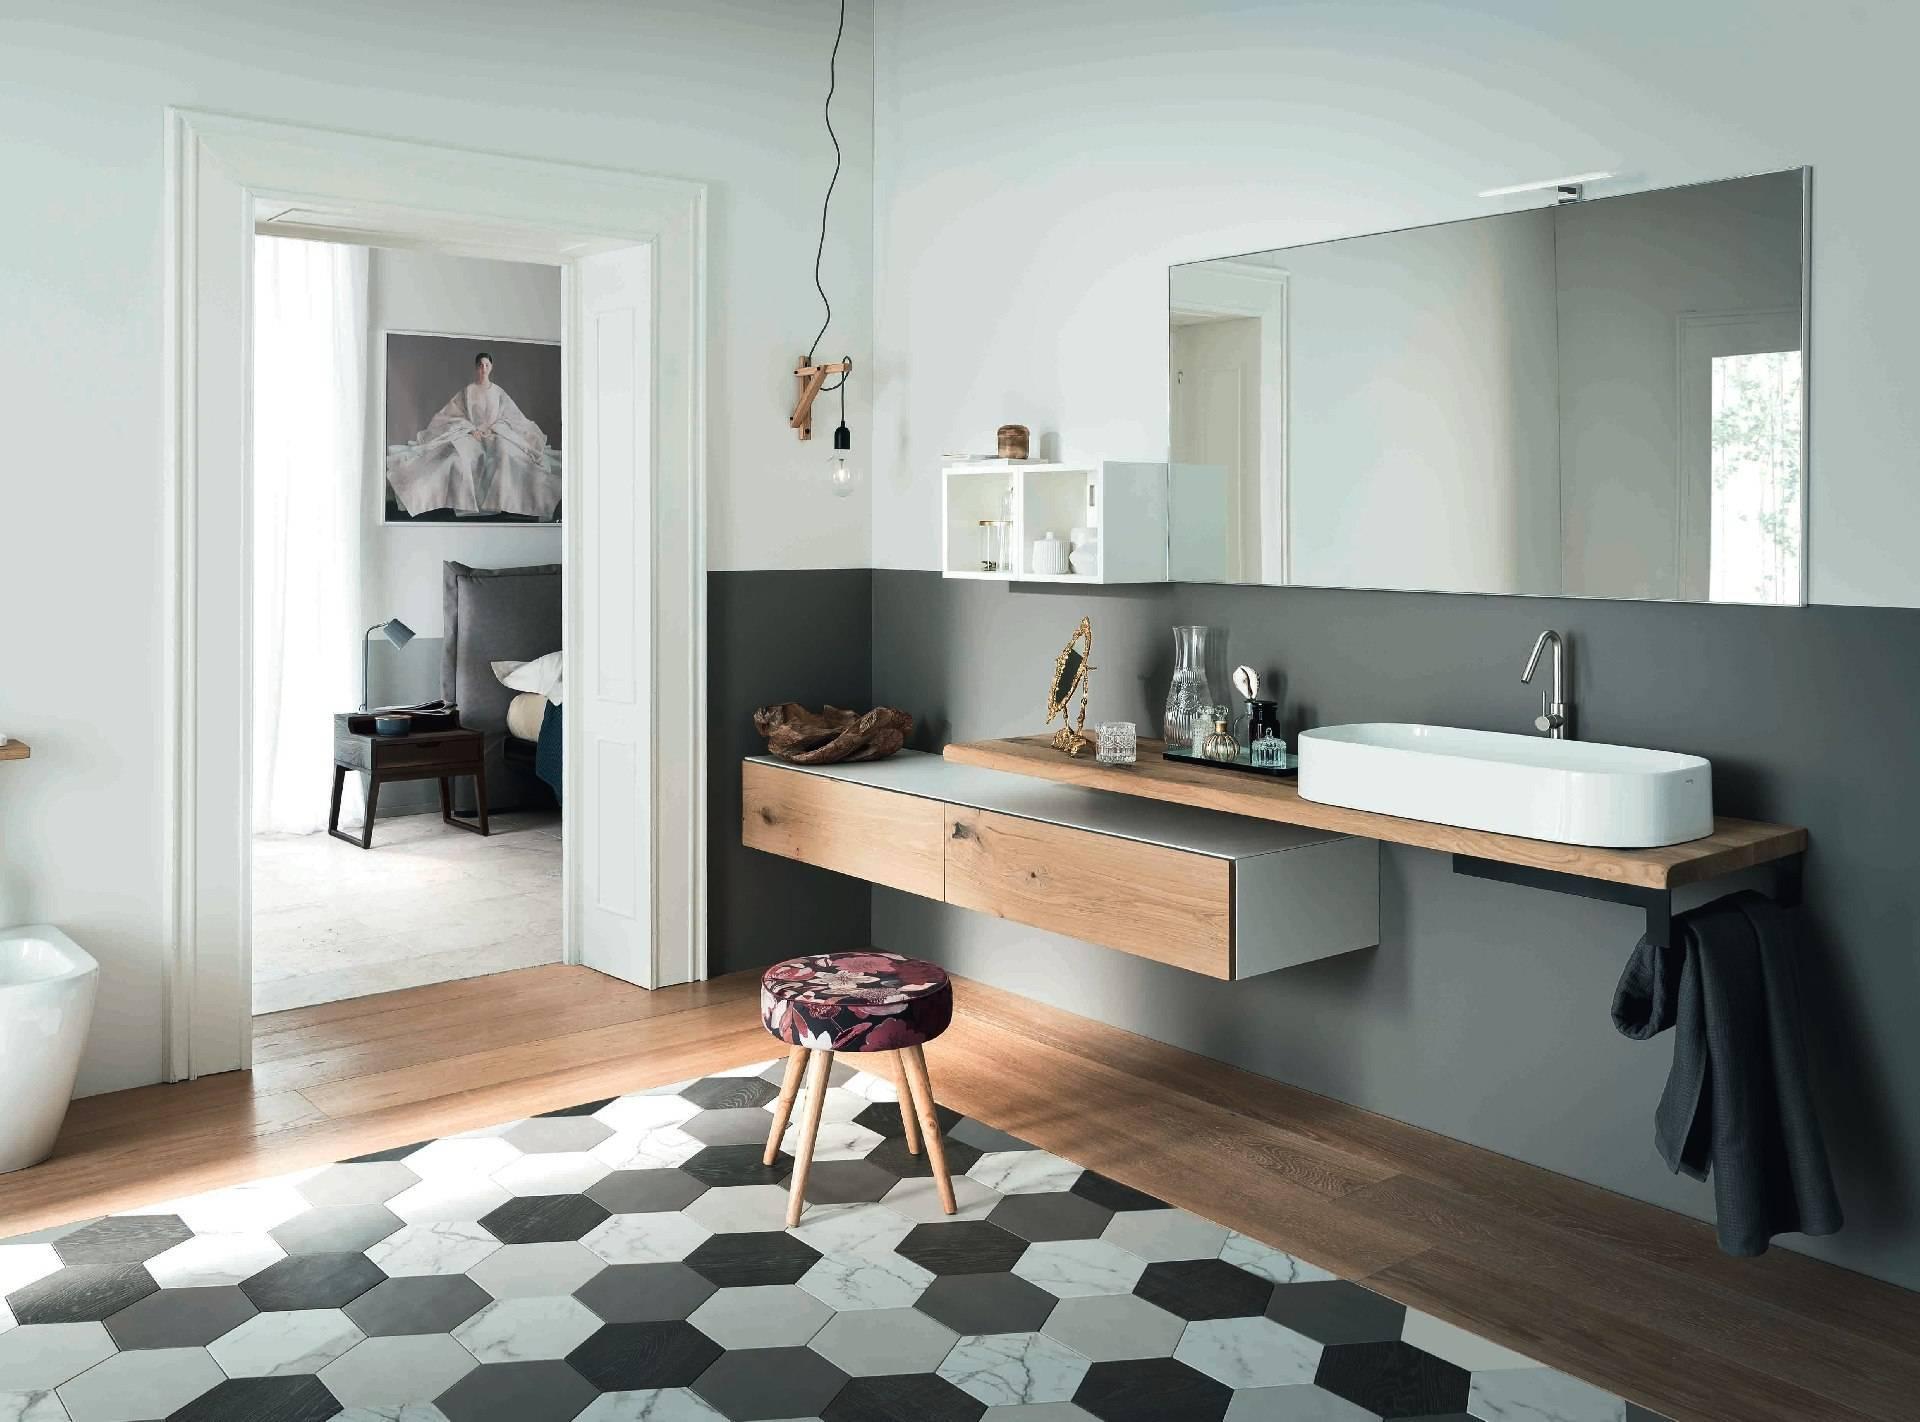 Meuble de salle de bain bois massif  avec tiroir décalé et grande vasque